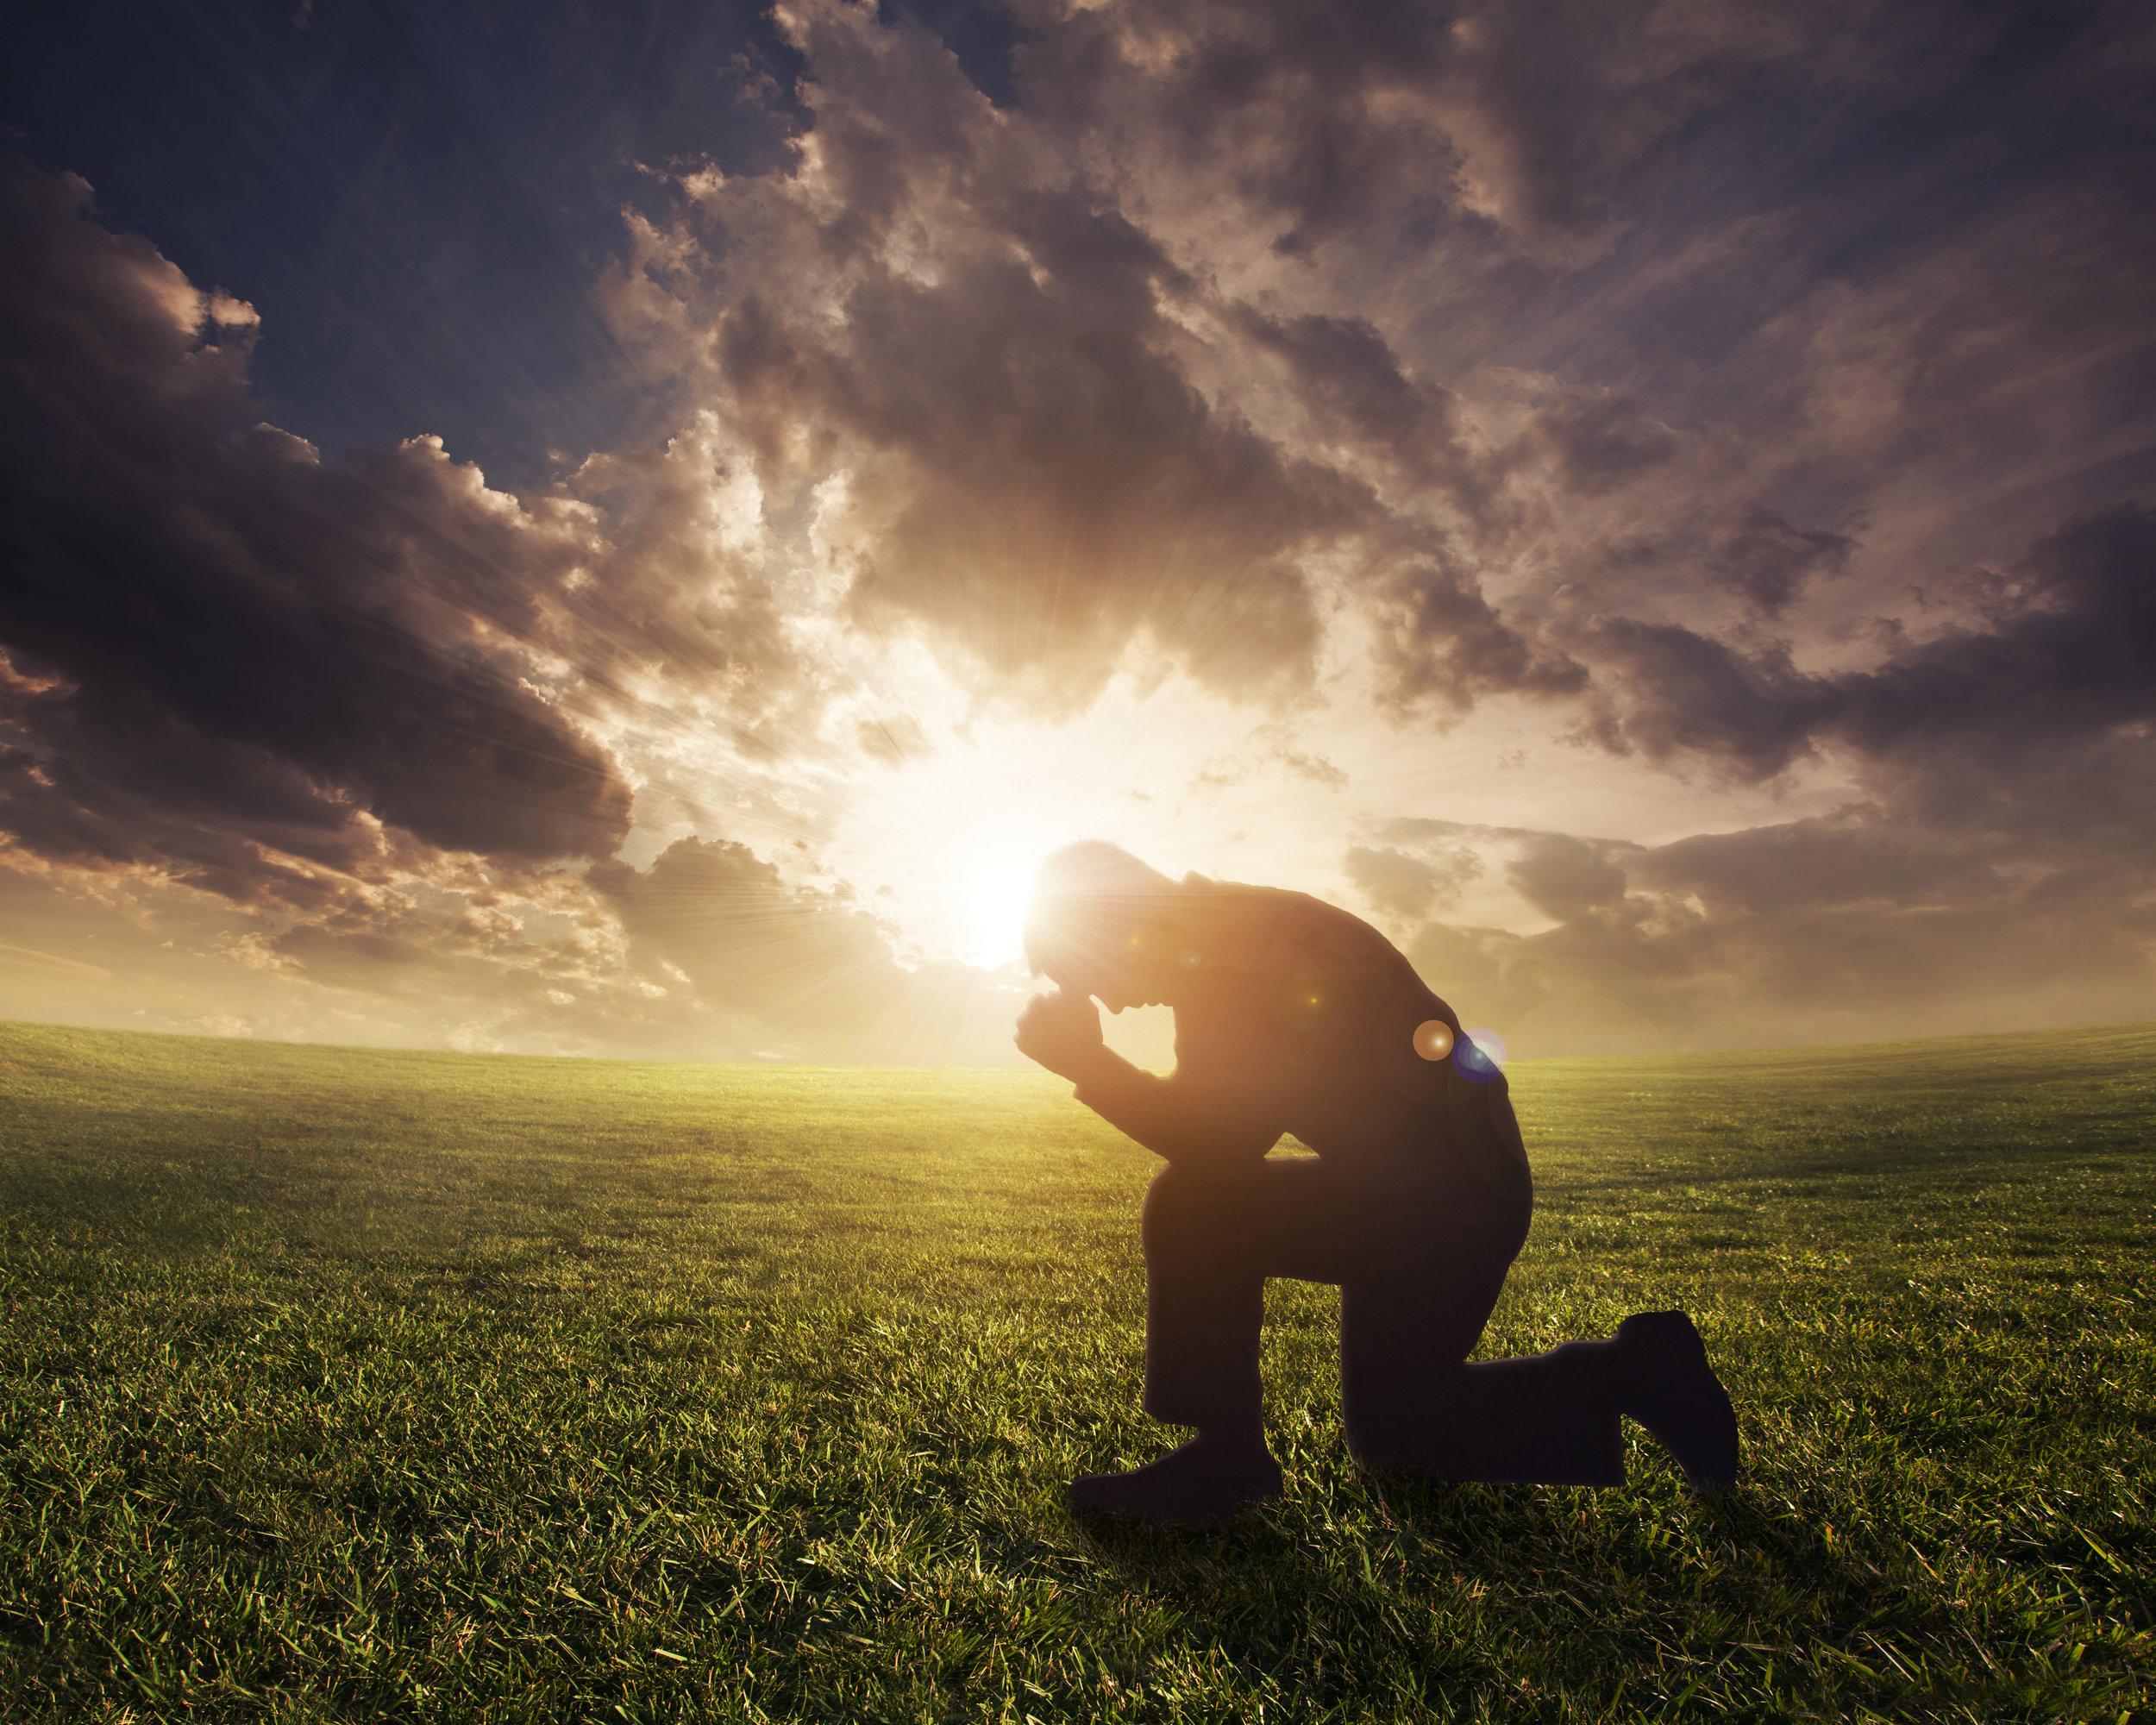 Kneeling_Man_at_Sunset.jpeg